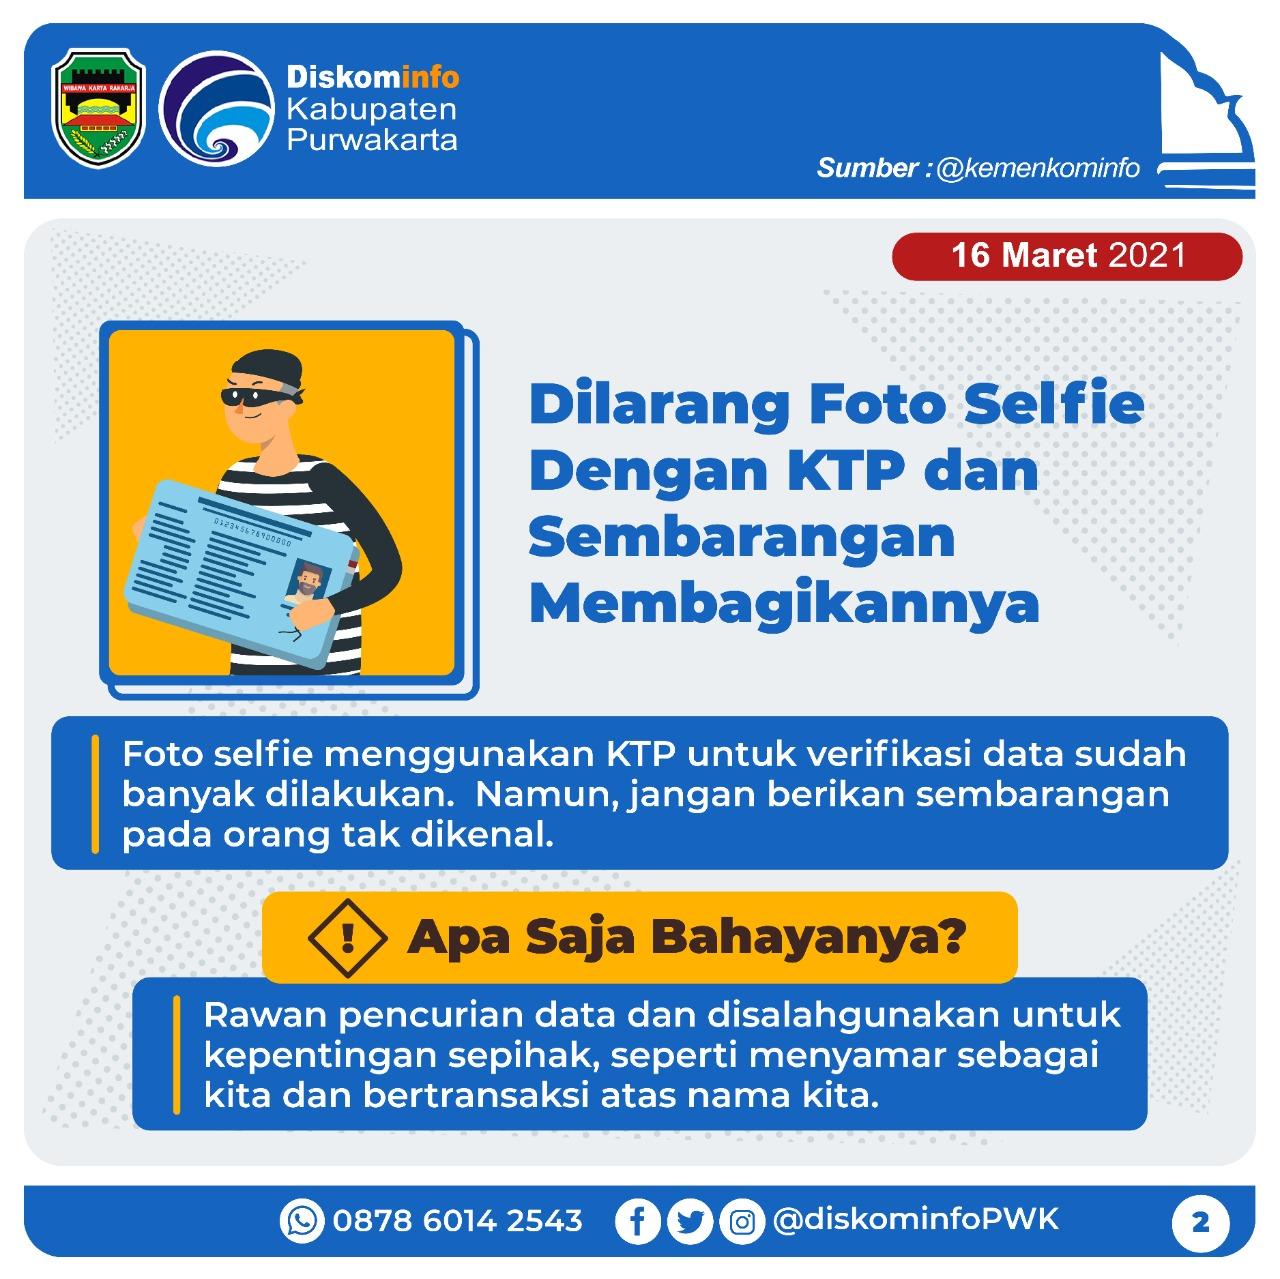 Dilarang Foto Selfie